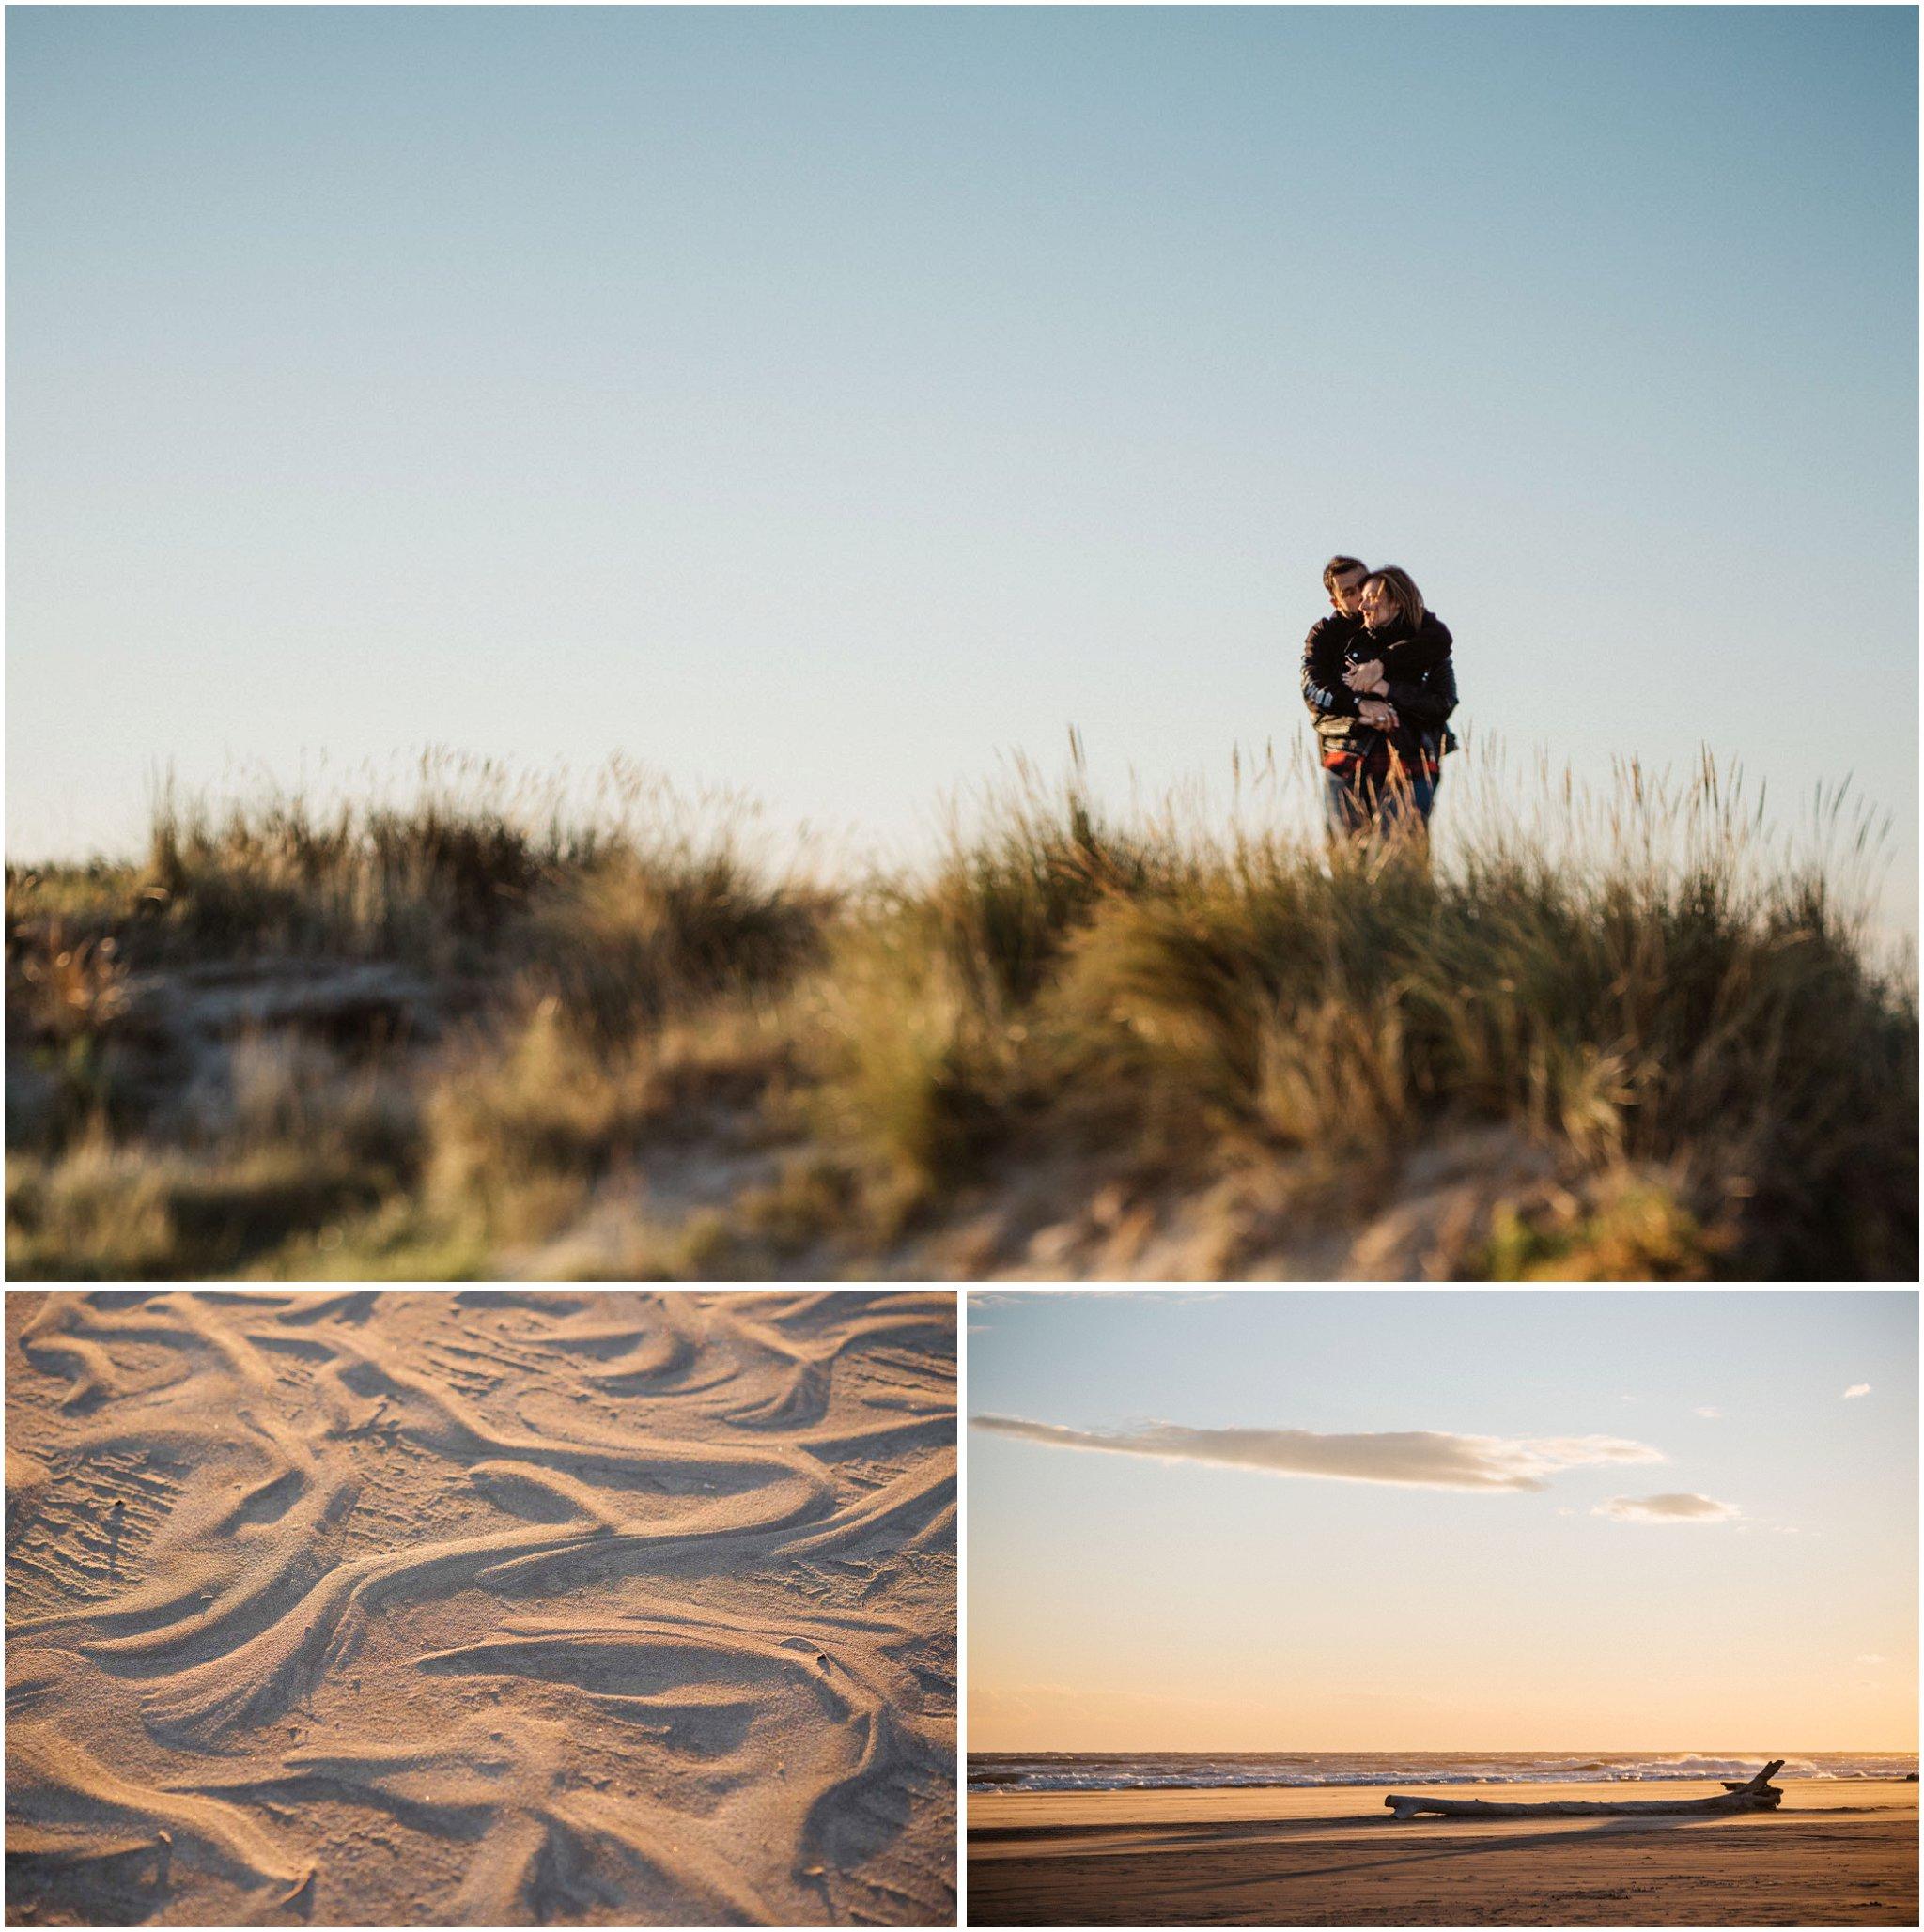 jeremy-guillaume-03-séance-photo-couple-plage